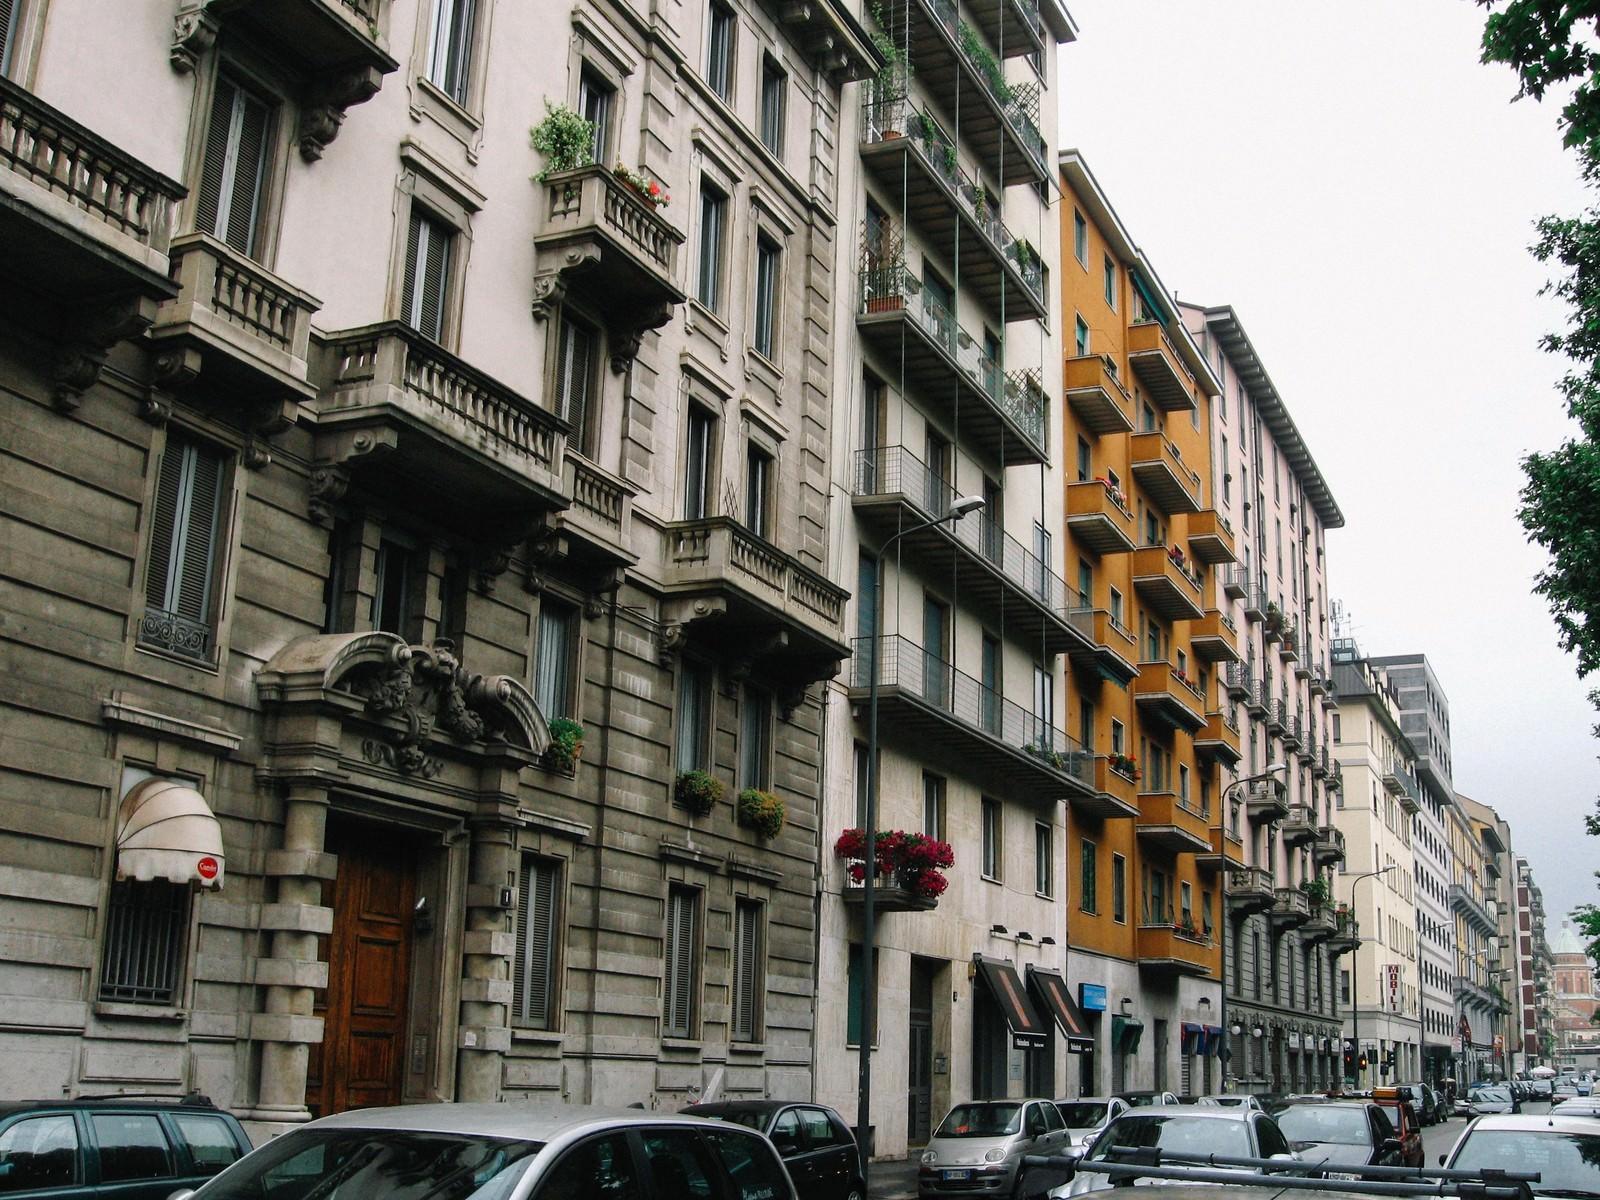 「ミラノの通りを行き交う車と通りに面した建造物(イタリア)」の写真